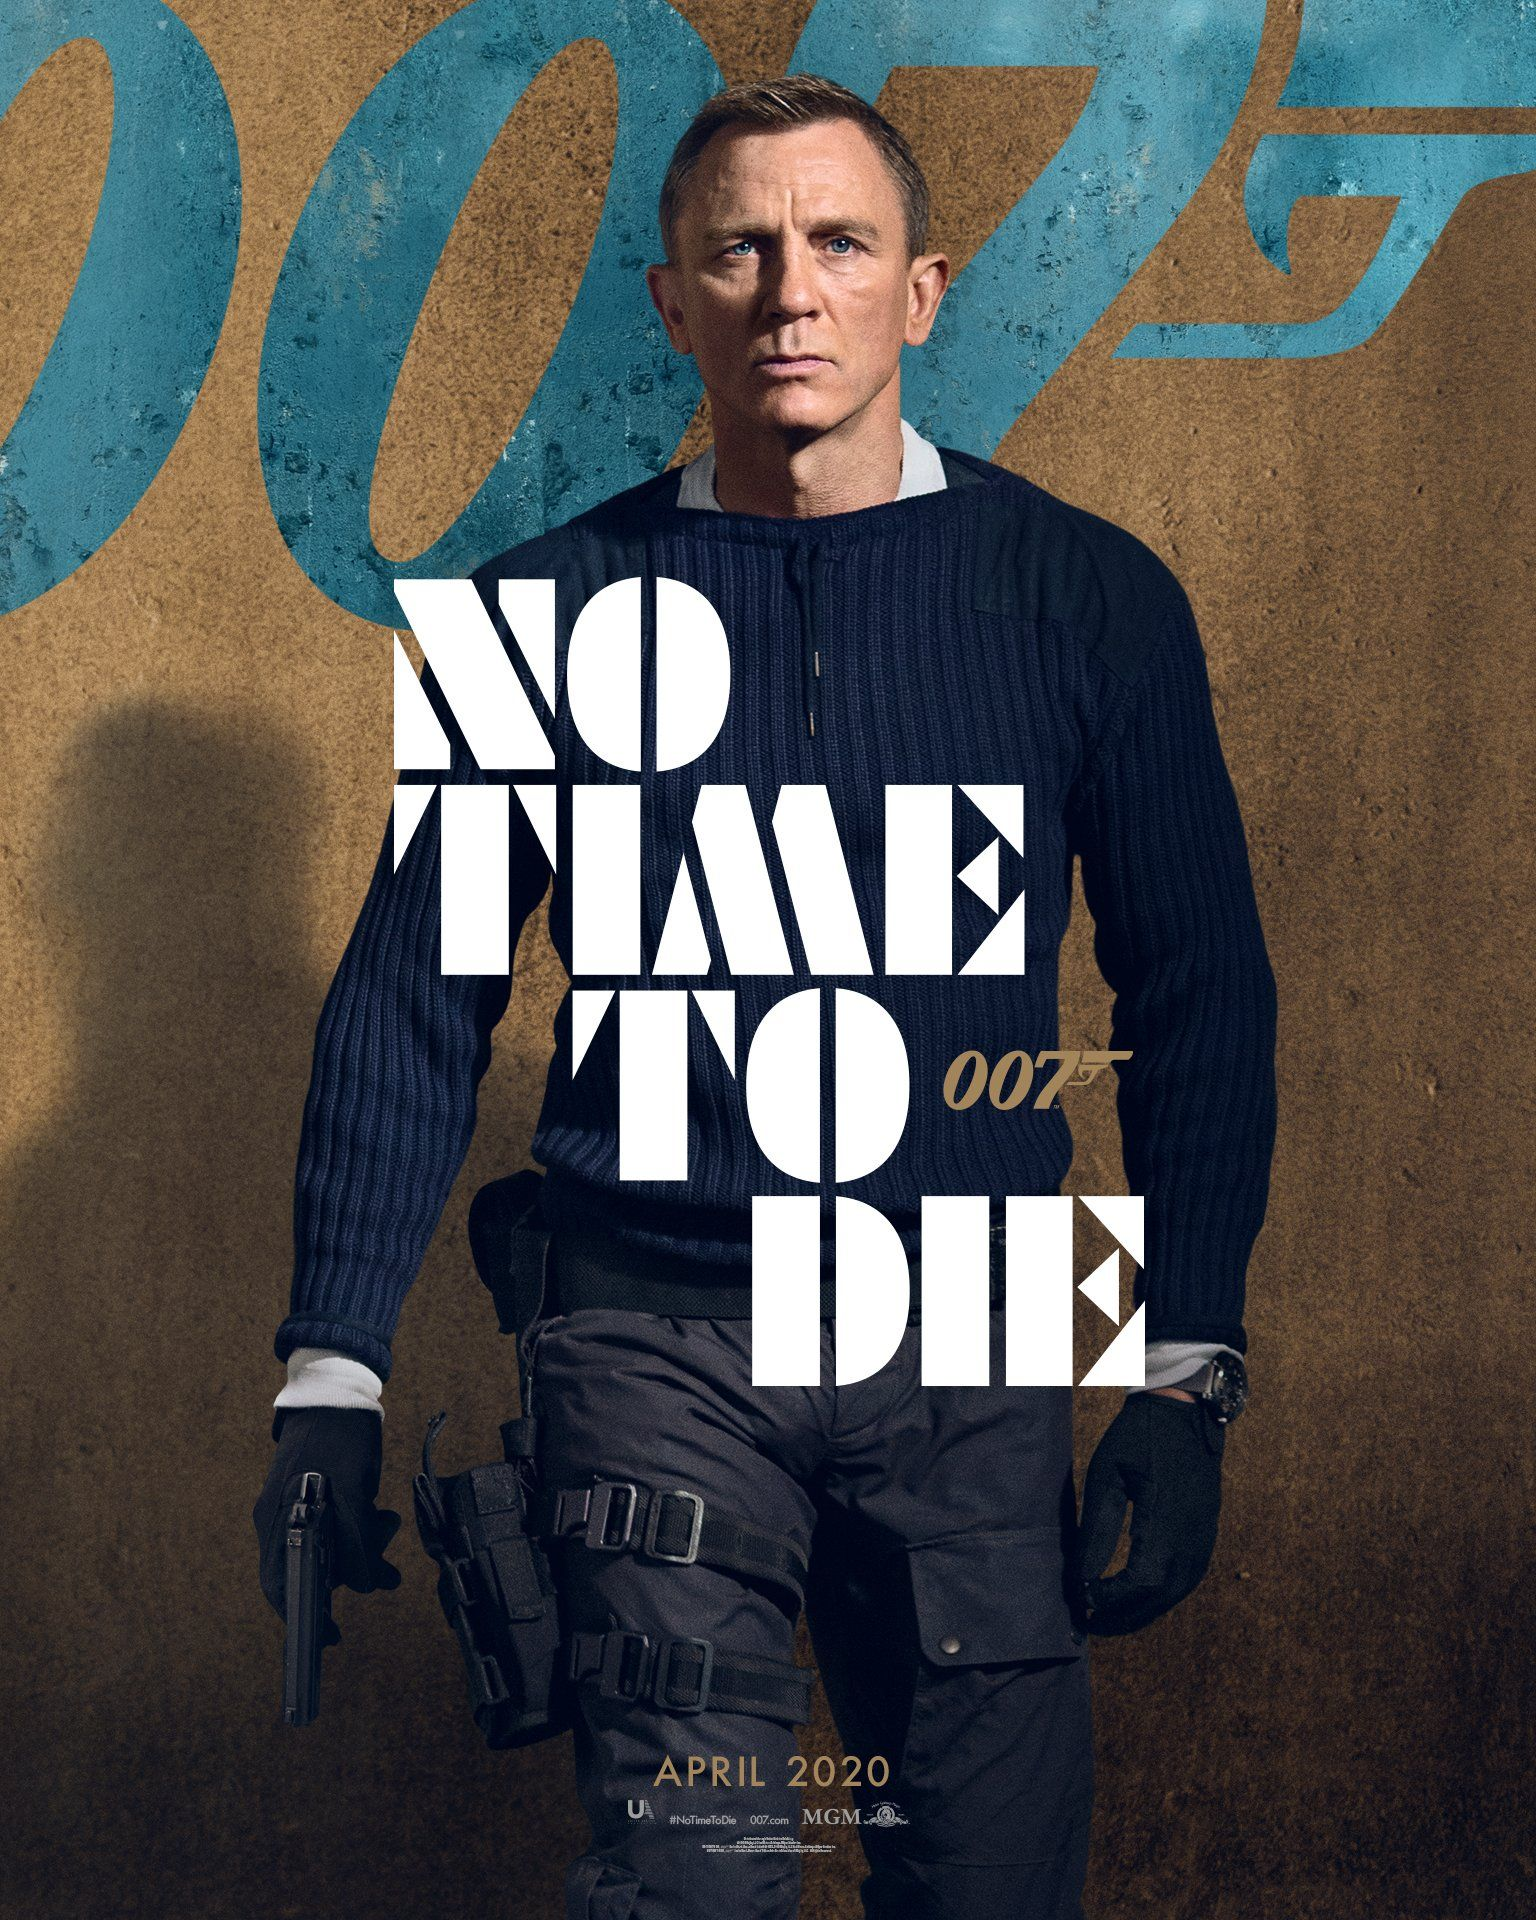 James Bond On Twitter New James Bond James Bond Movies James Bond Movie Posters